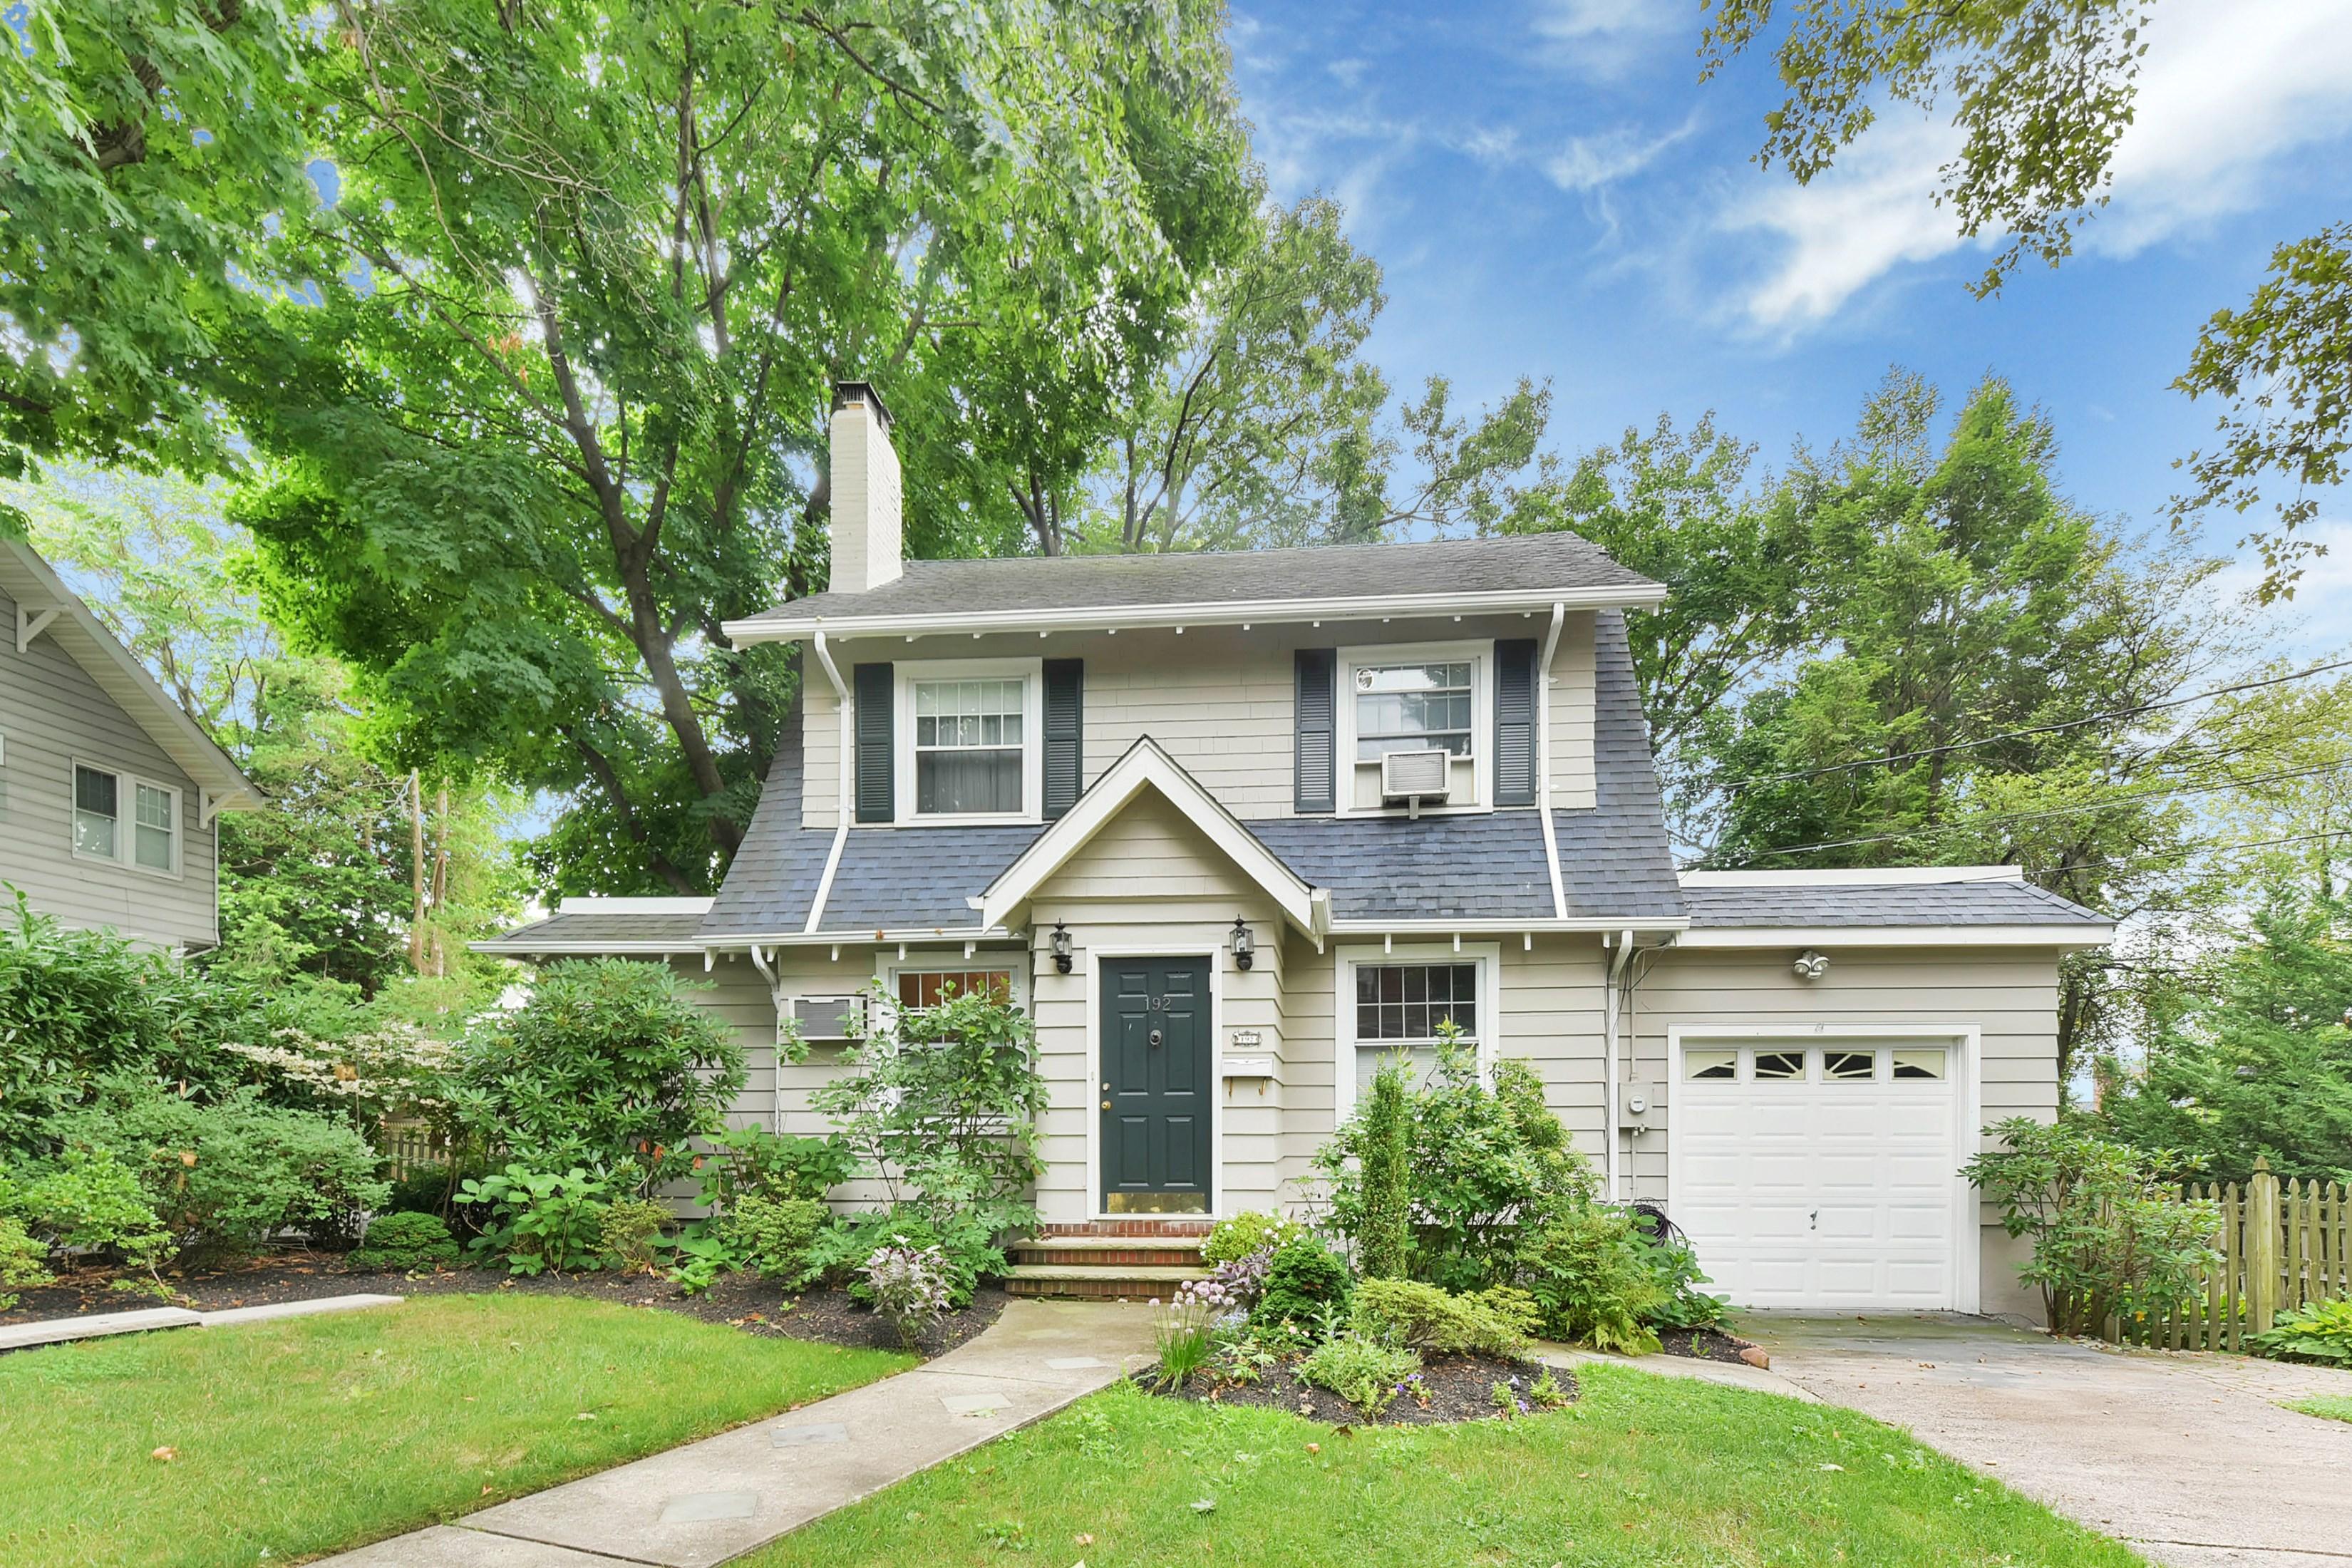 Casa Unifamiliar por un Venta en Storybook Charm 192 Ames Ave Leonia, Nueva Jersey 07605 Estados Unidos